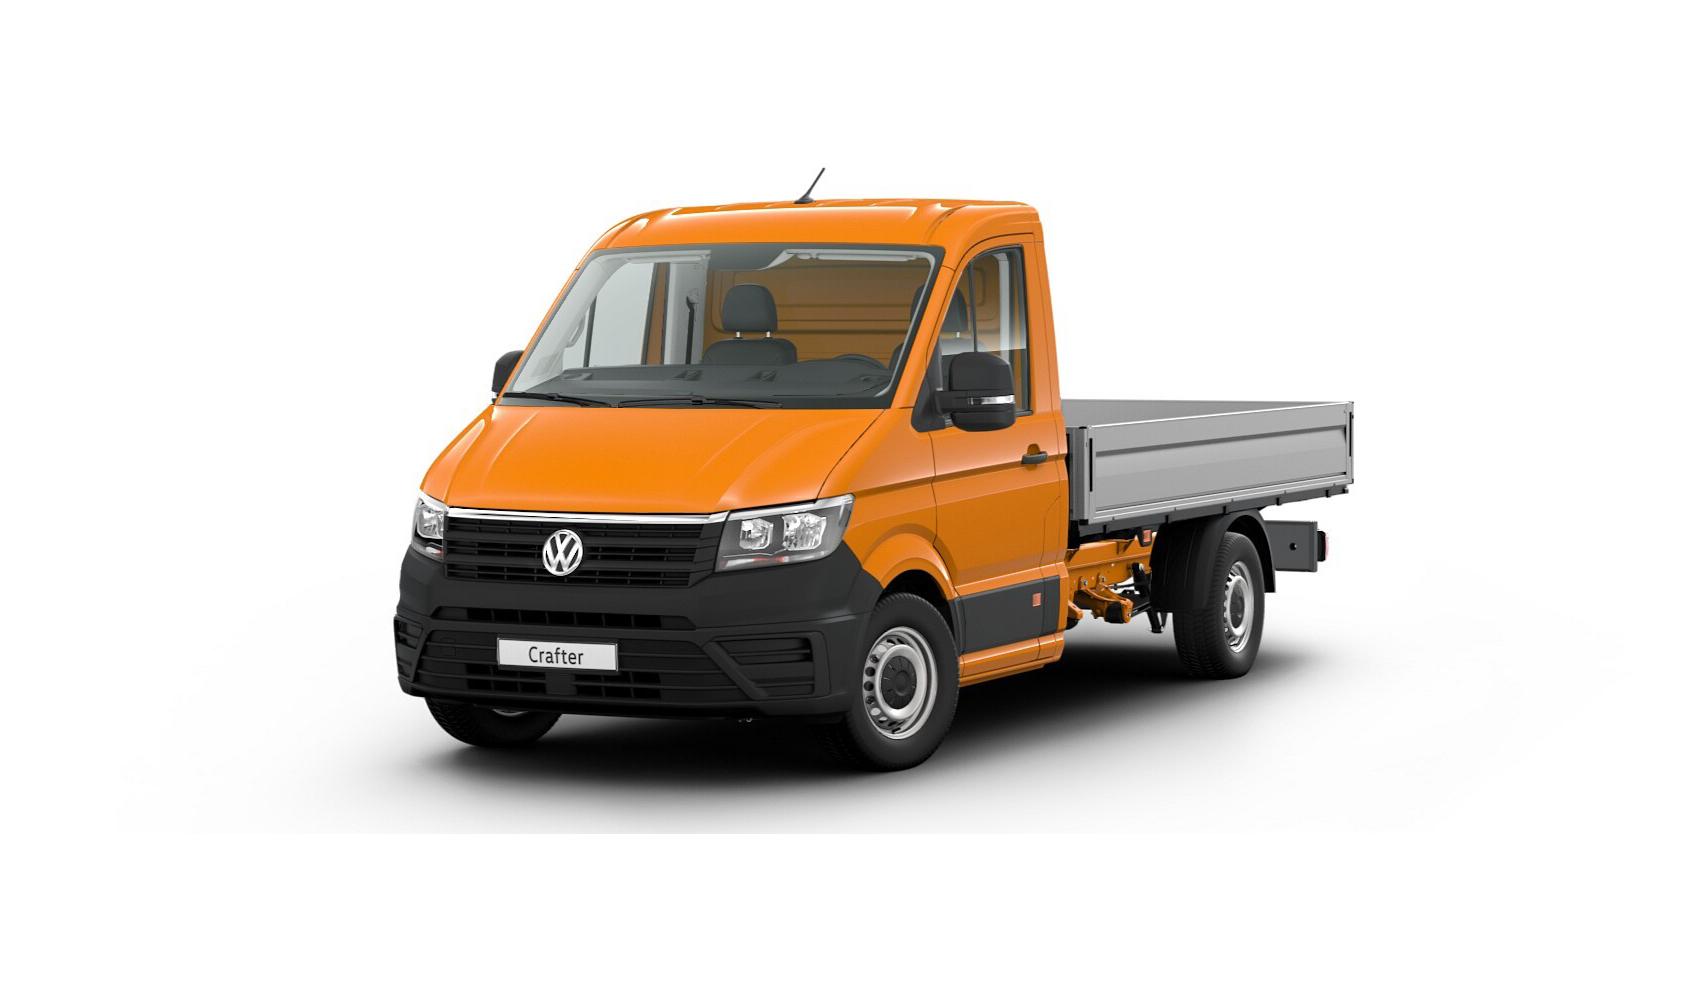 Crafter 35 Pritschenwagen Einzelkabine Motor: 2,0 l TDI EU6 SCR BlueMotion Technology 75 kW Getriebe: Frontantrieb 6-Gang-Schaltgetriebe Radstand: 3640 mm